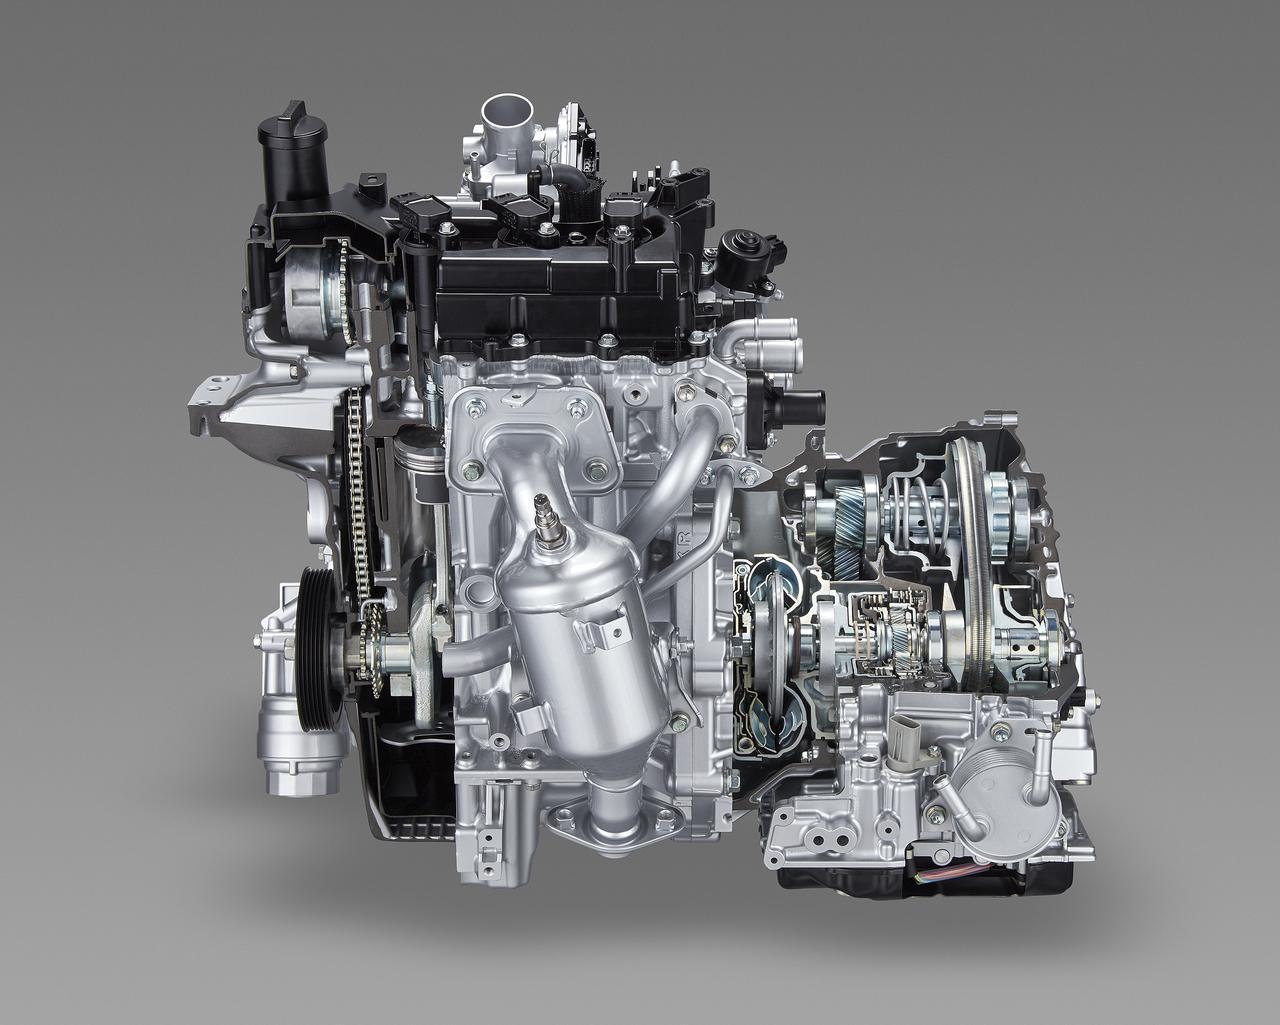 画像: TNGA化にともない各部を大幅に改良した1リッターユニットの1KR-FE。CVTも小型/軽量化されている。